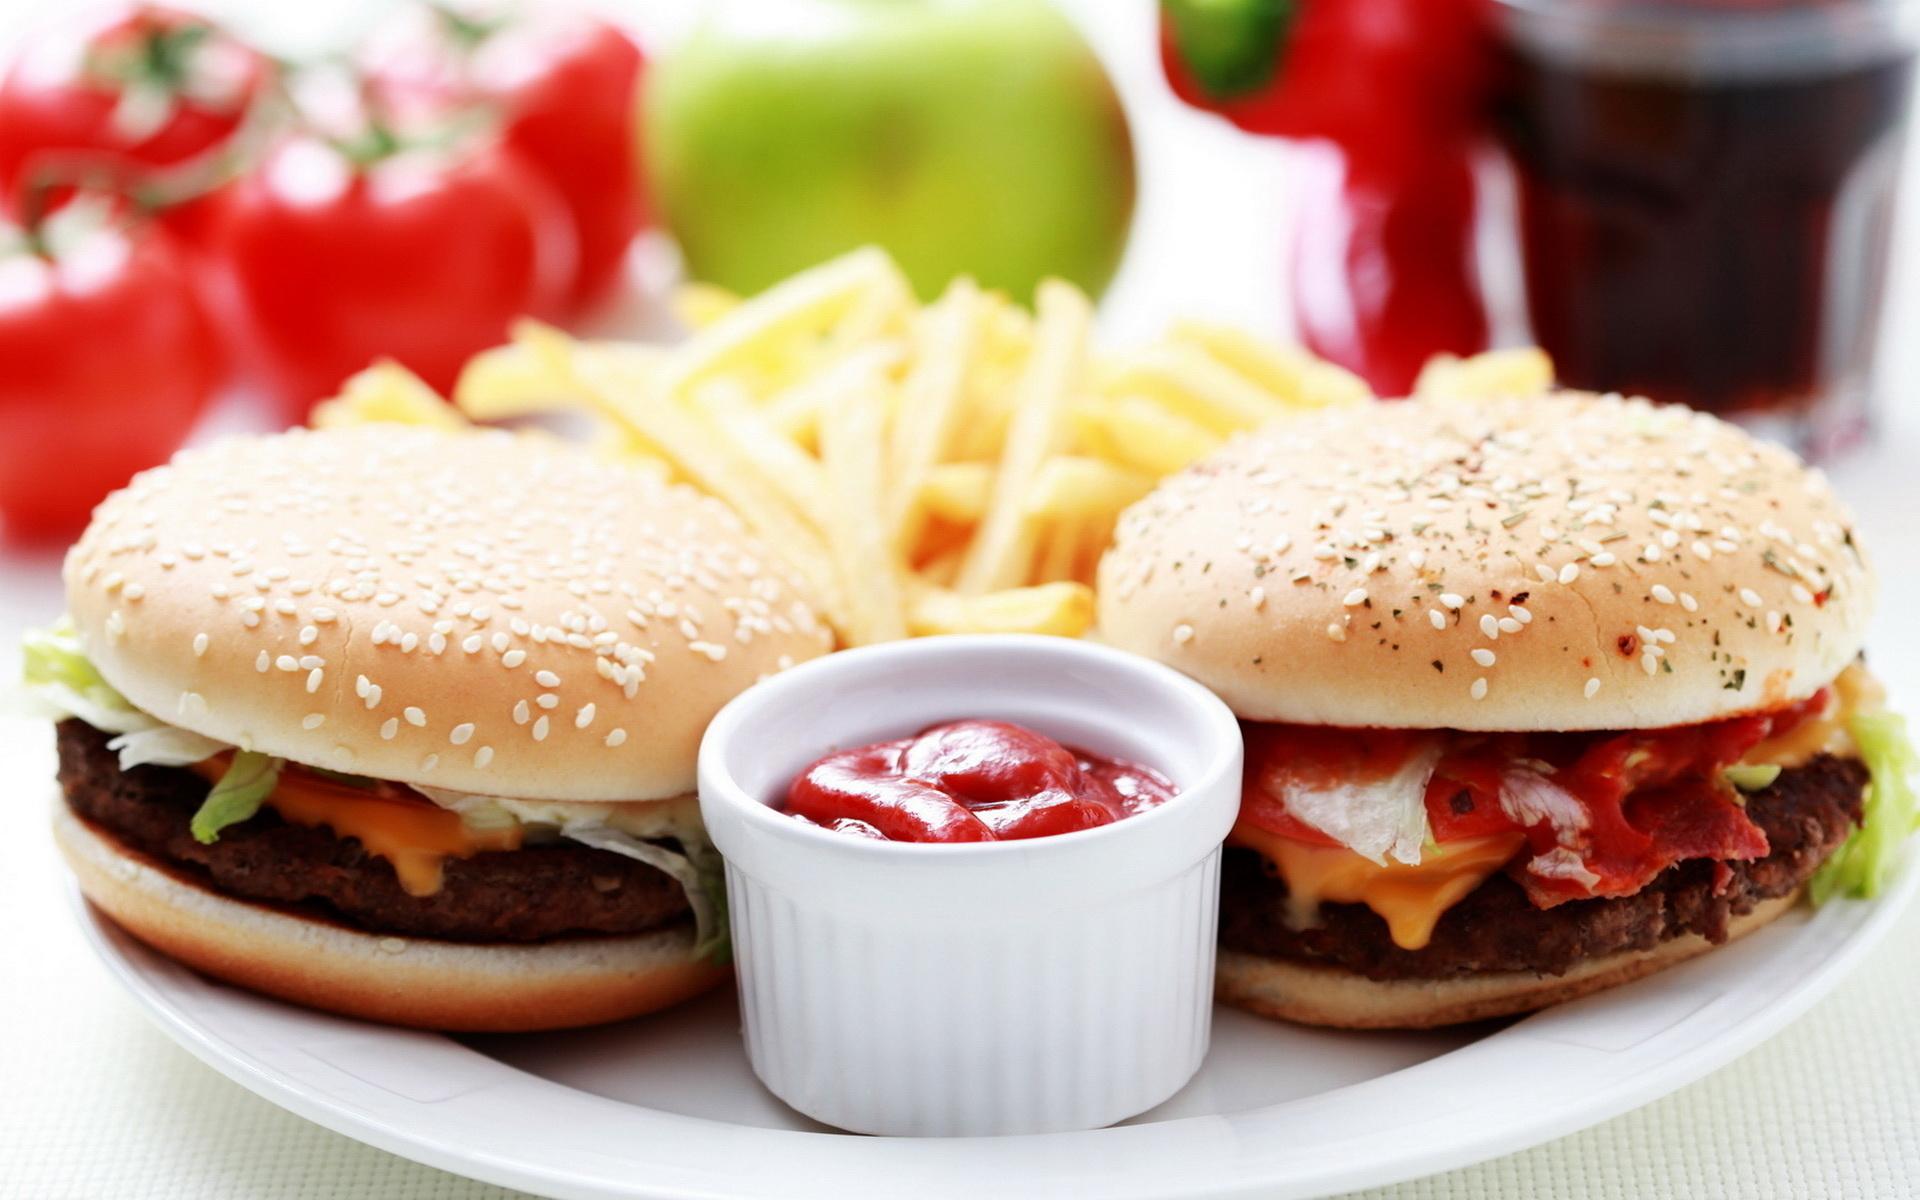 Fast Food Wallpaper Hd 1920x1200